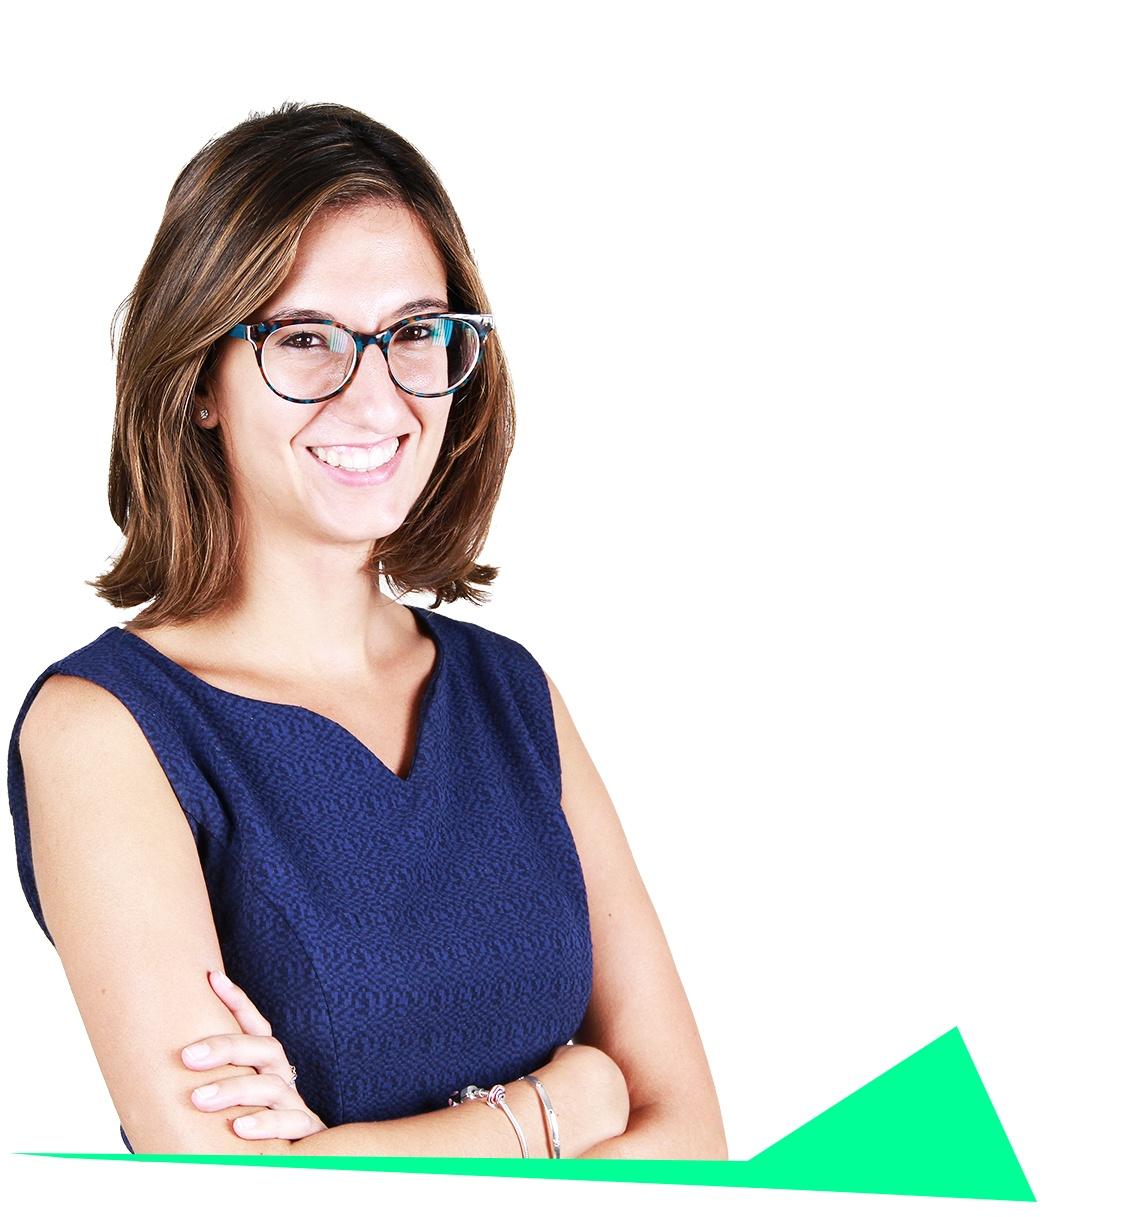 Ana Brotons, R&D Manager de Nucaps